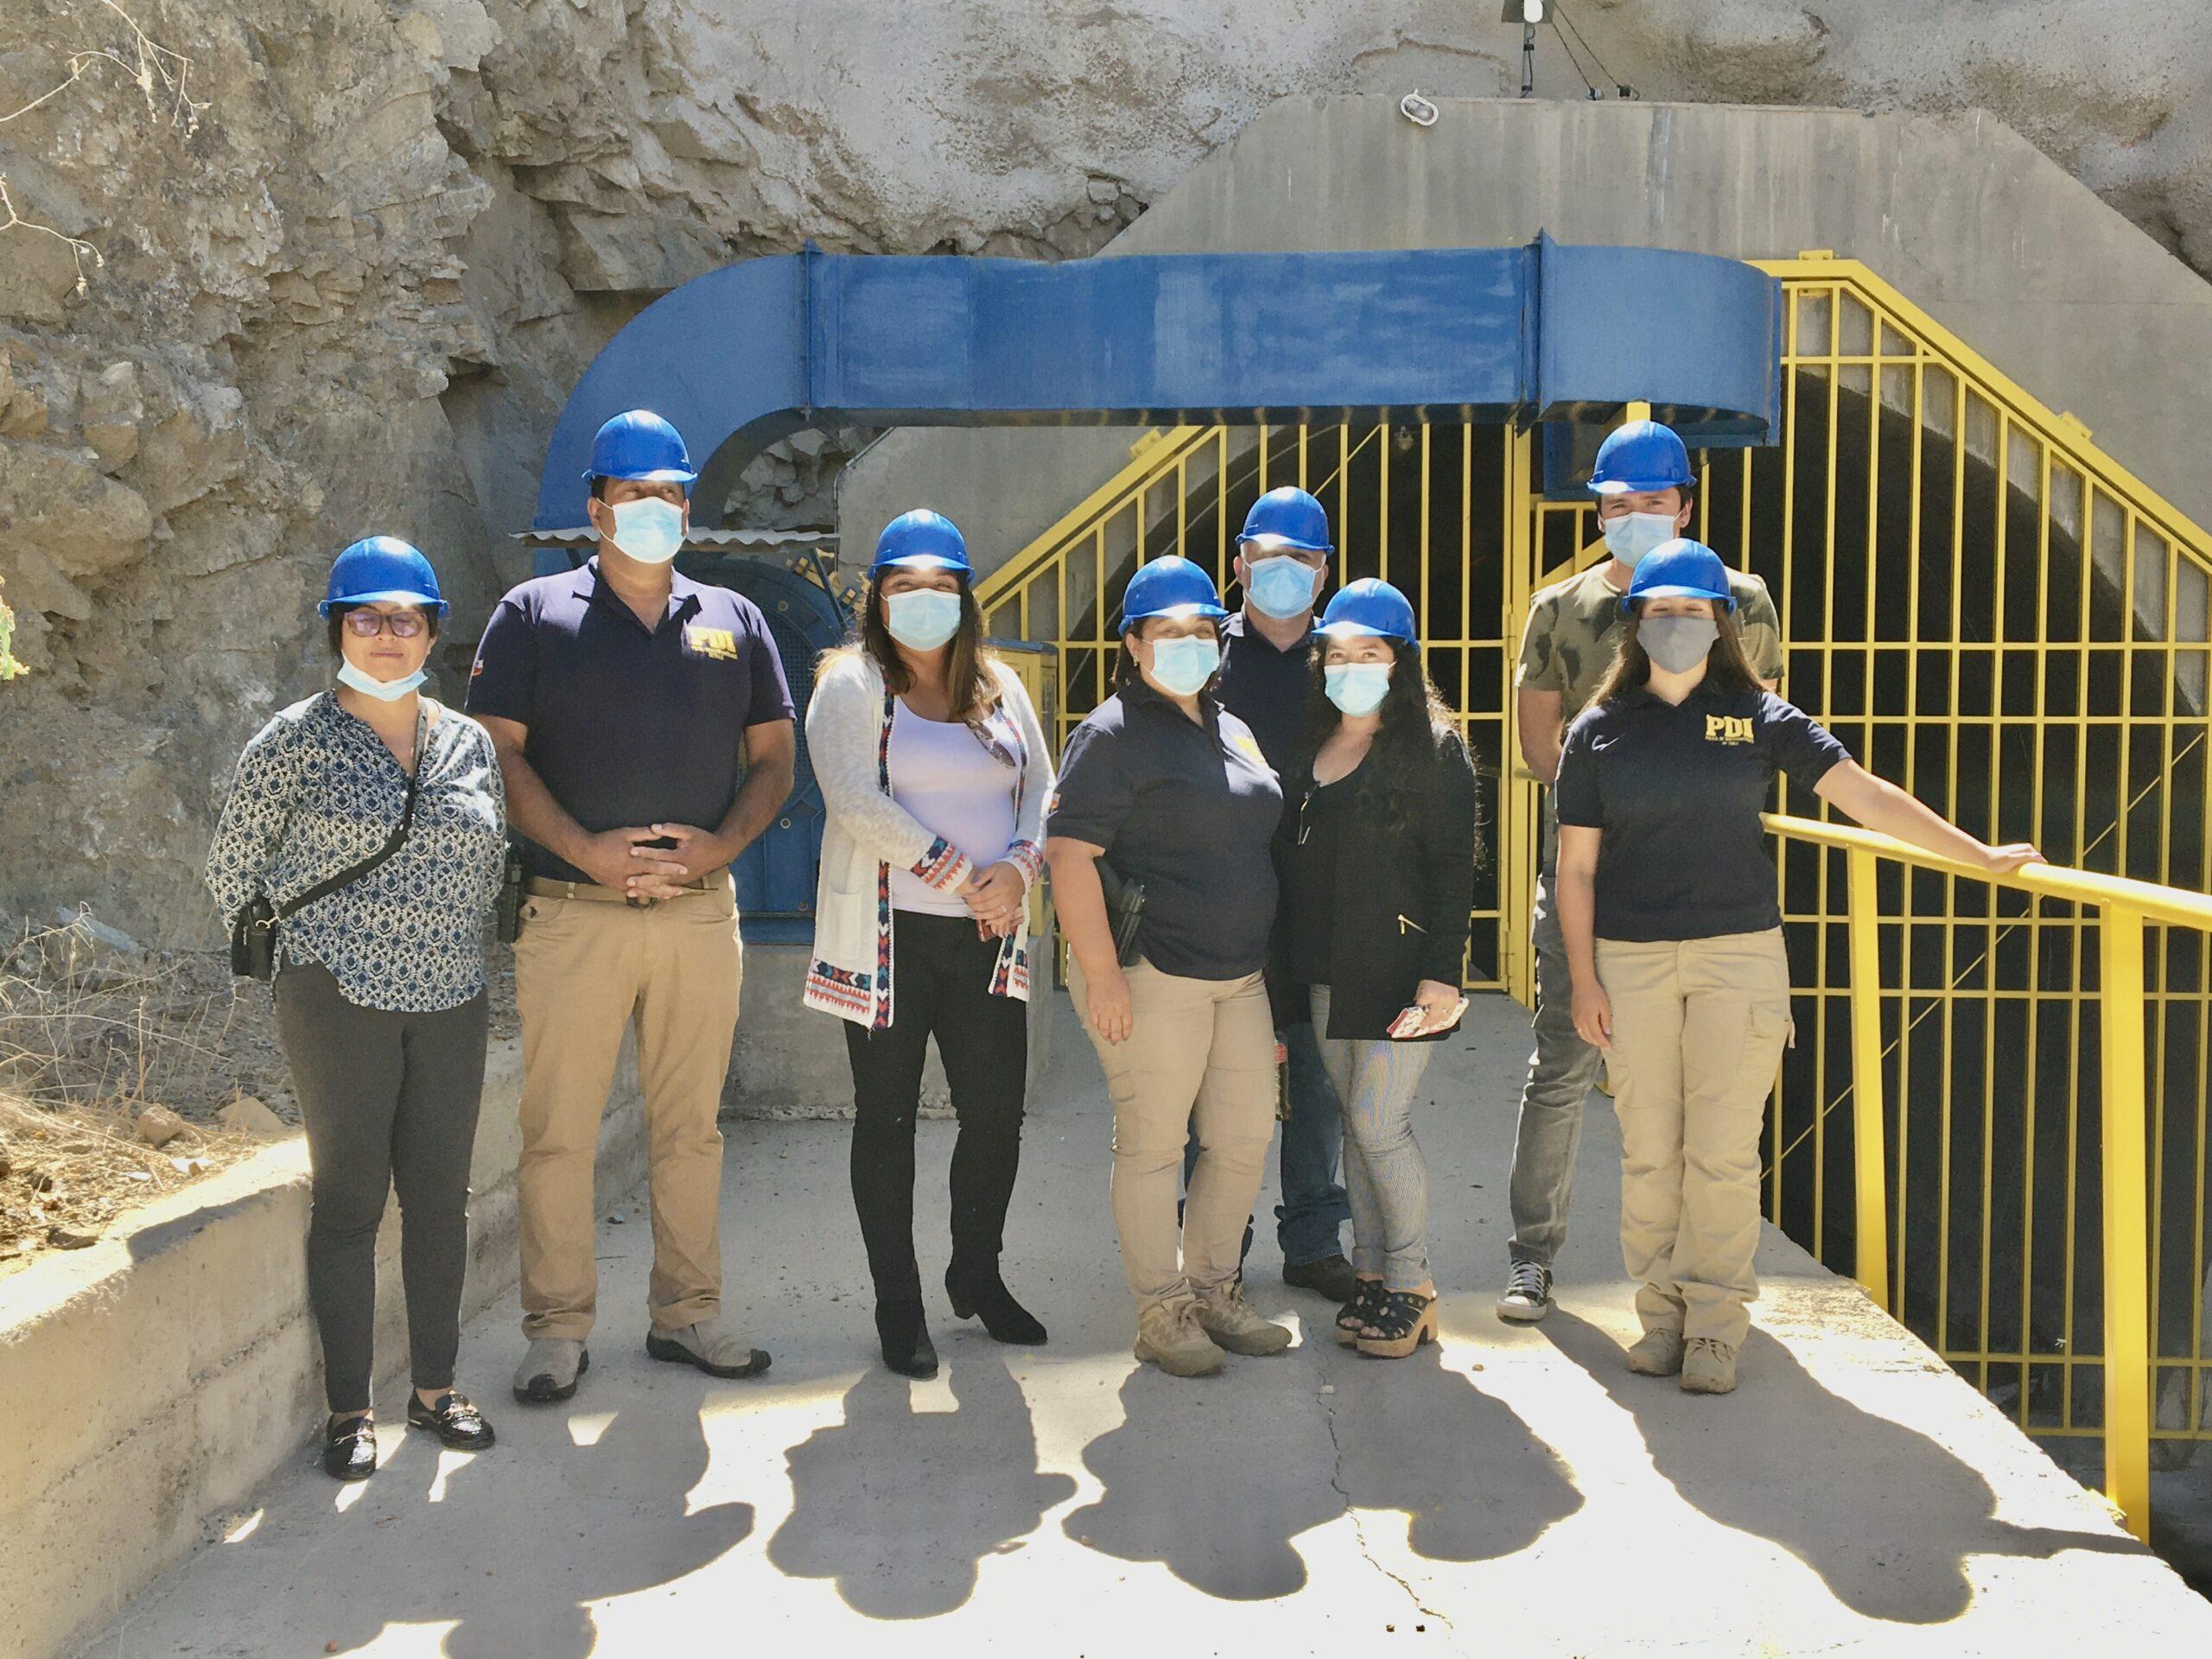 Funcionarios de la PDI Vallenar recorrieron dependencia del Embalse Santa Juana